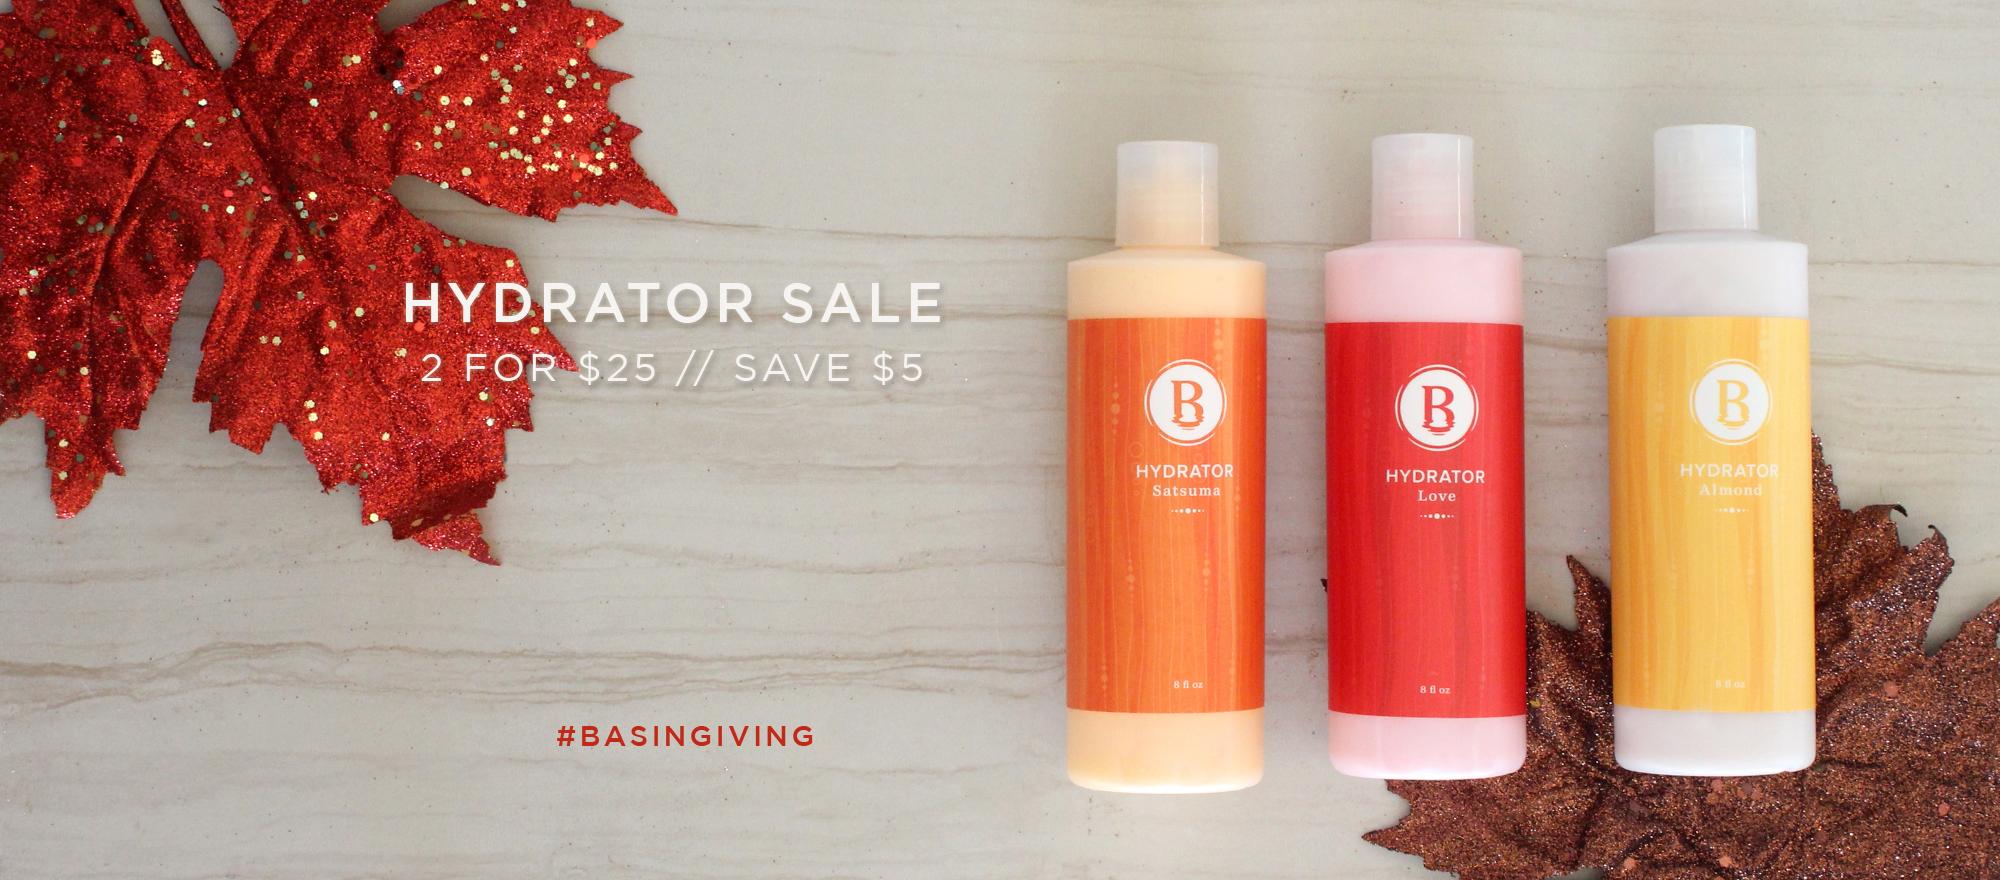 Hydrator Sale